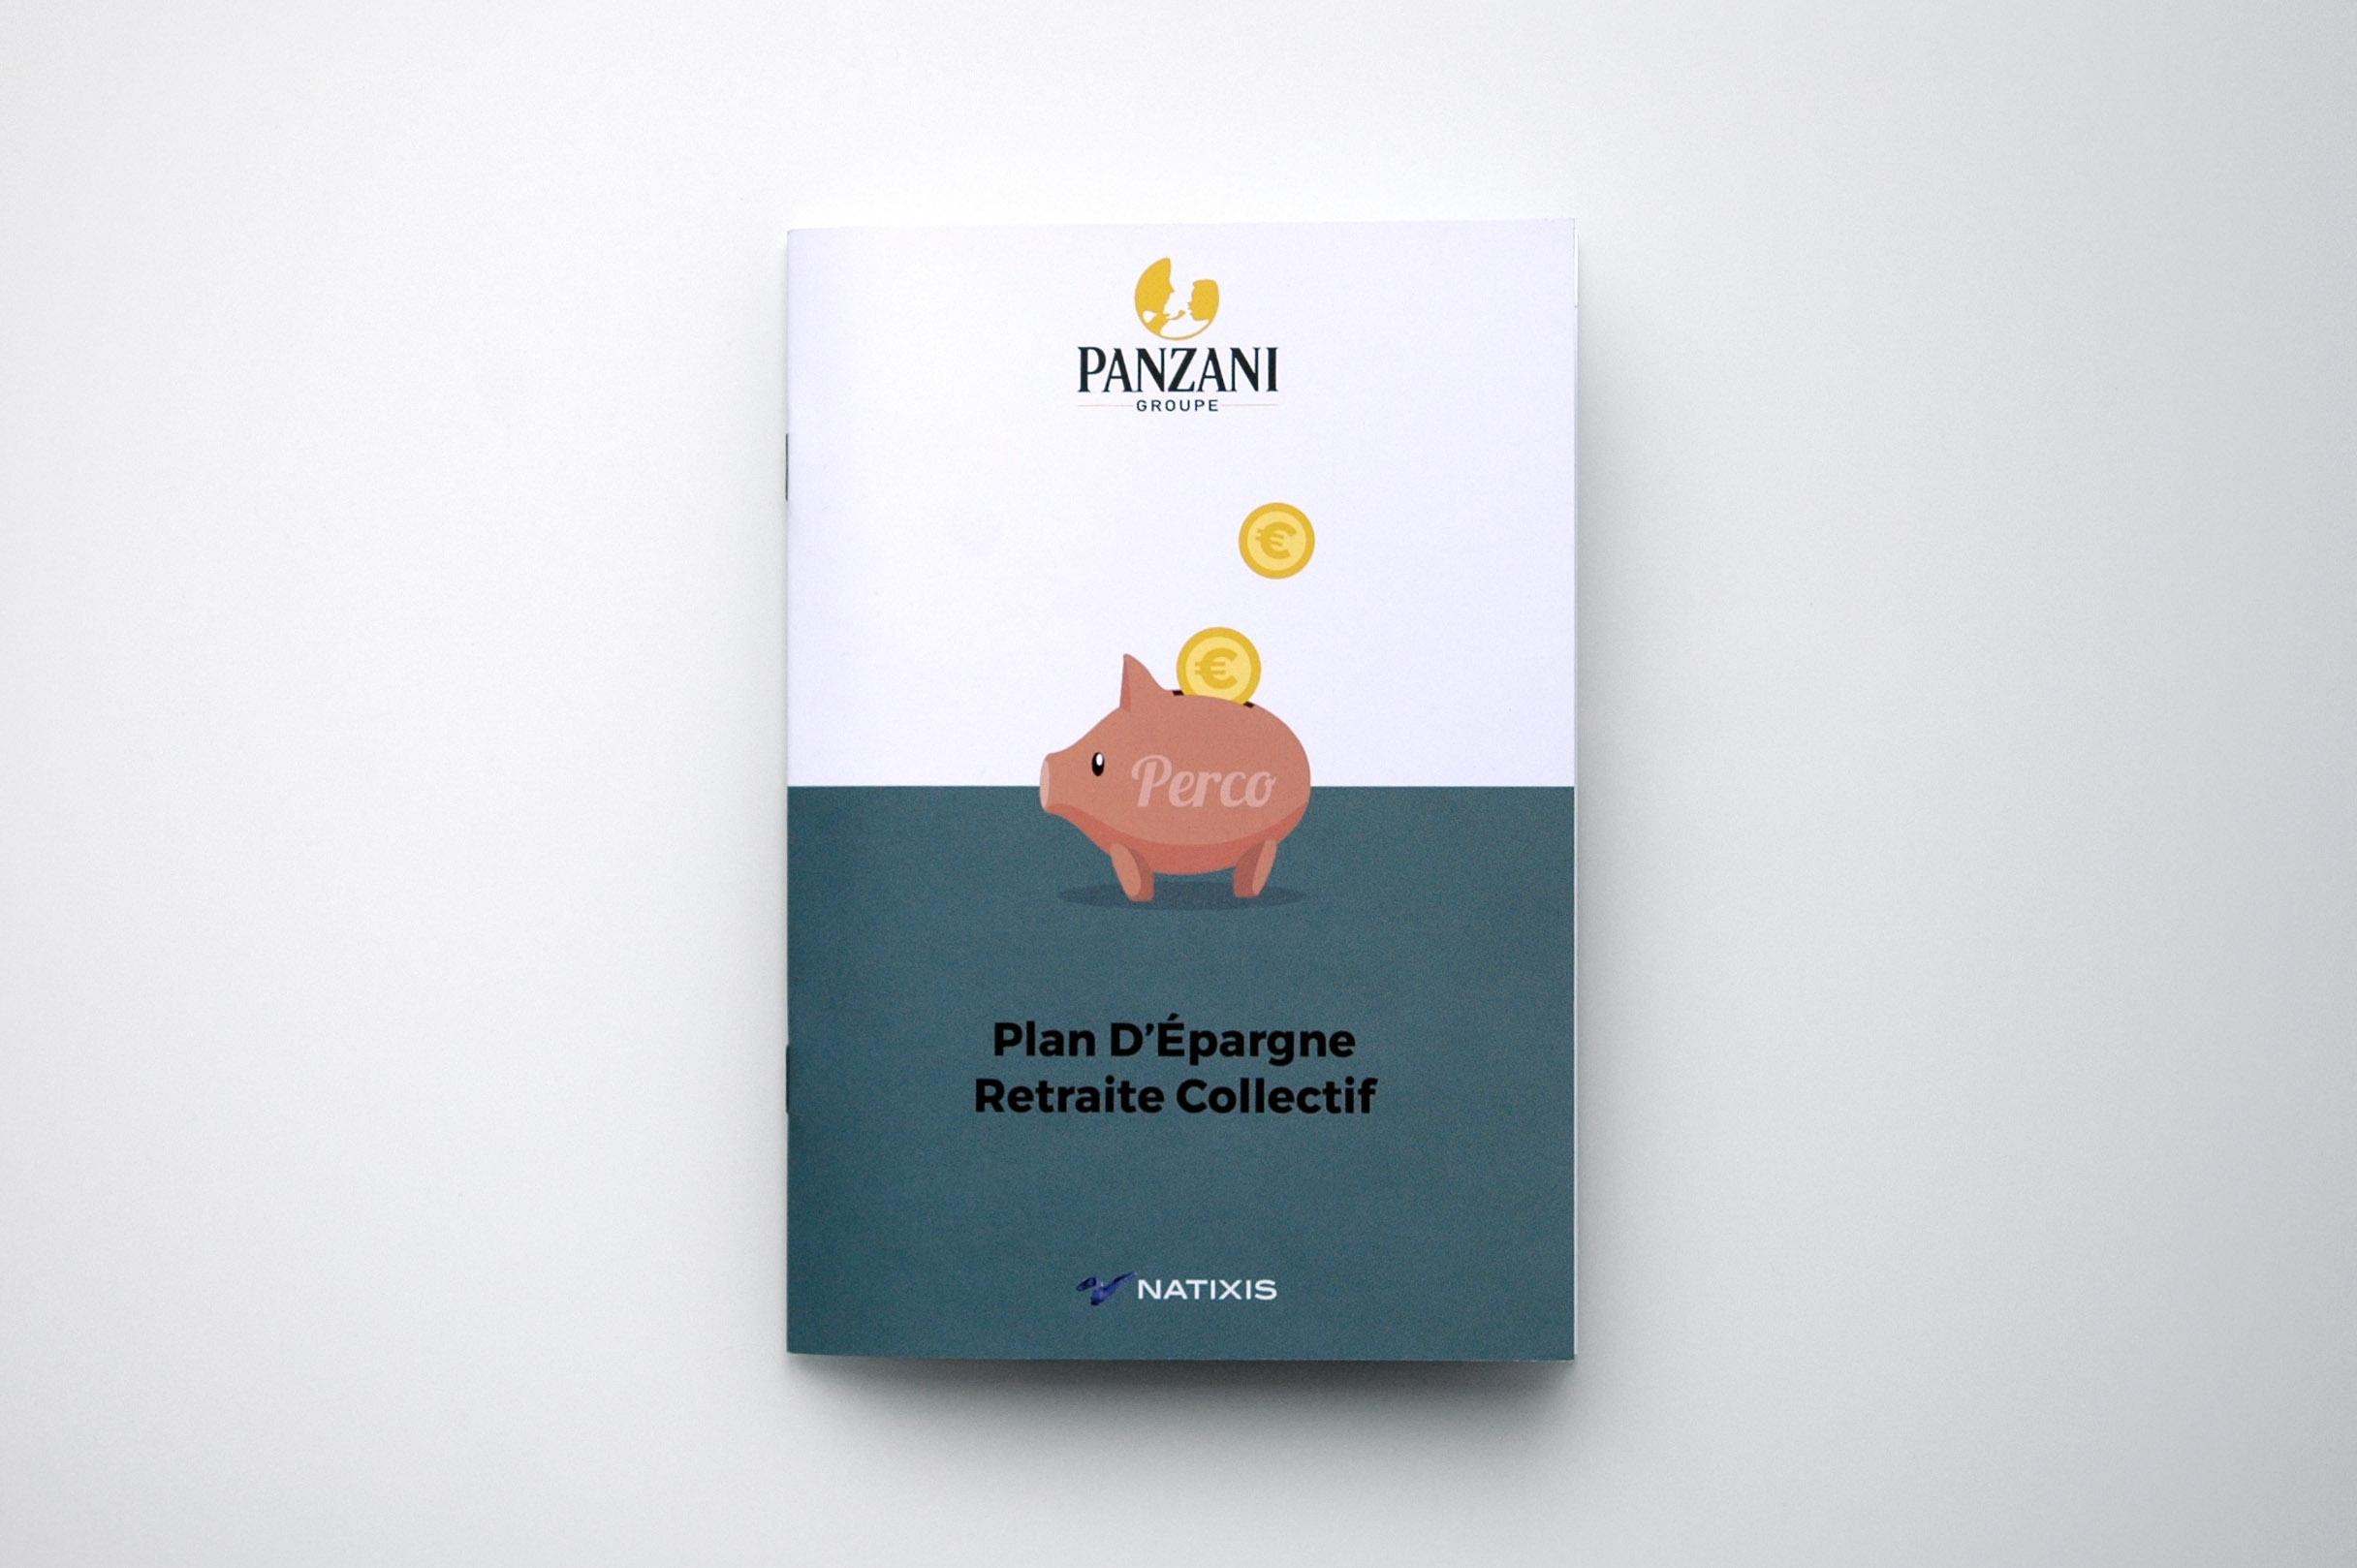 Livret didactique PERCO pour Panzani